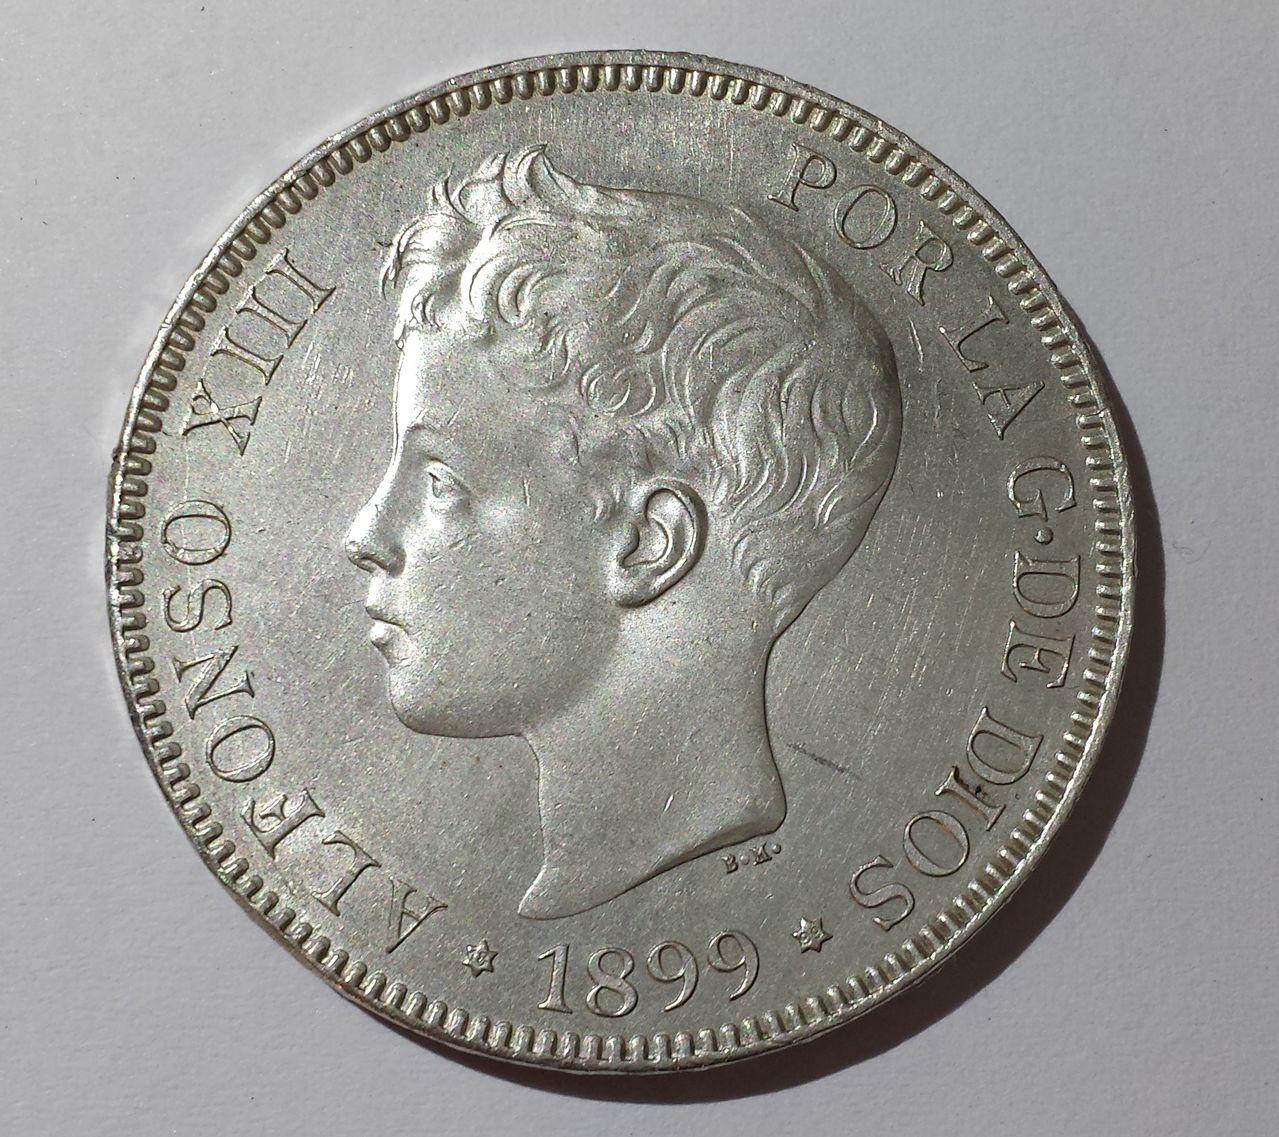 5 pesetas 1899 S-GV 5pesetas1899